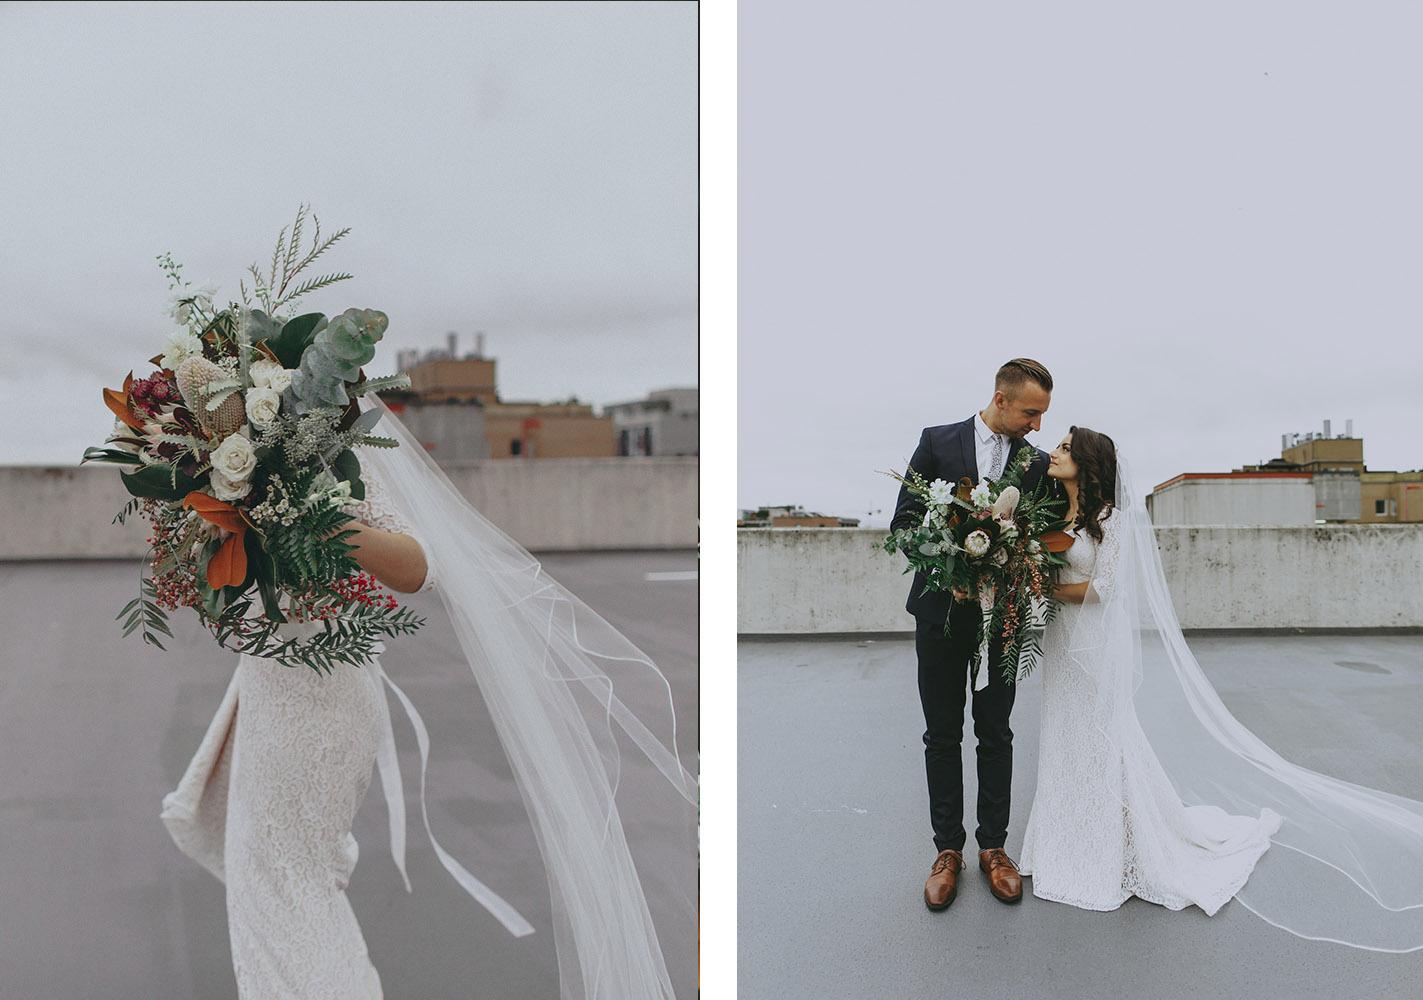 Rustic-Scandinavian-Inspired-Vancouver-Wedding-Roundhouse-wedding-photography-19.jpg